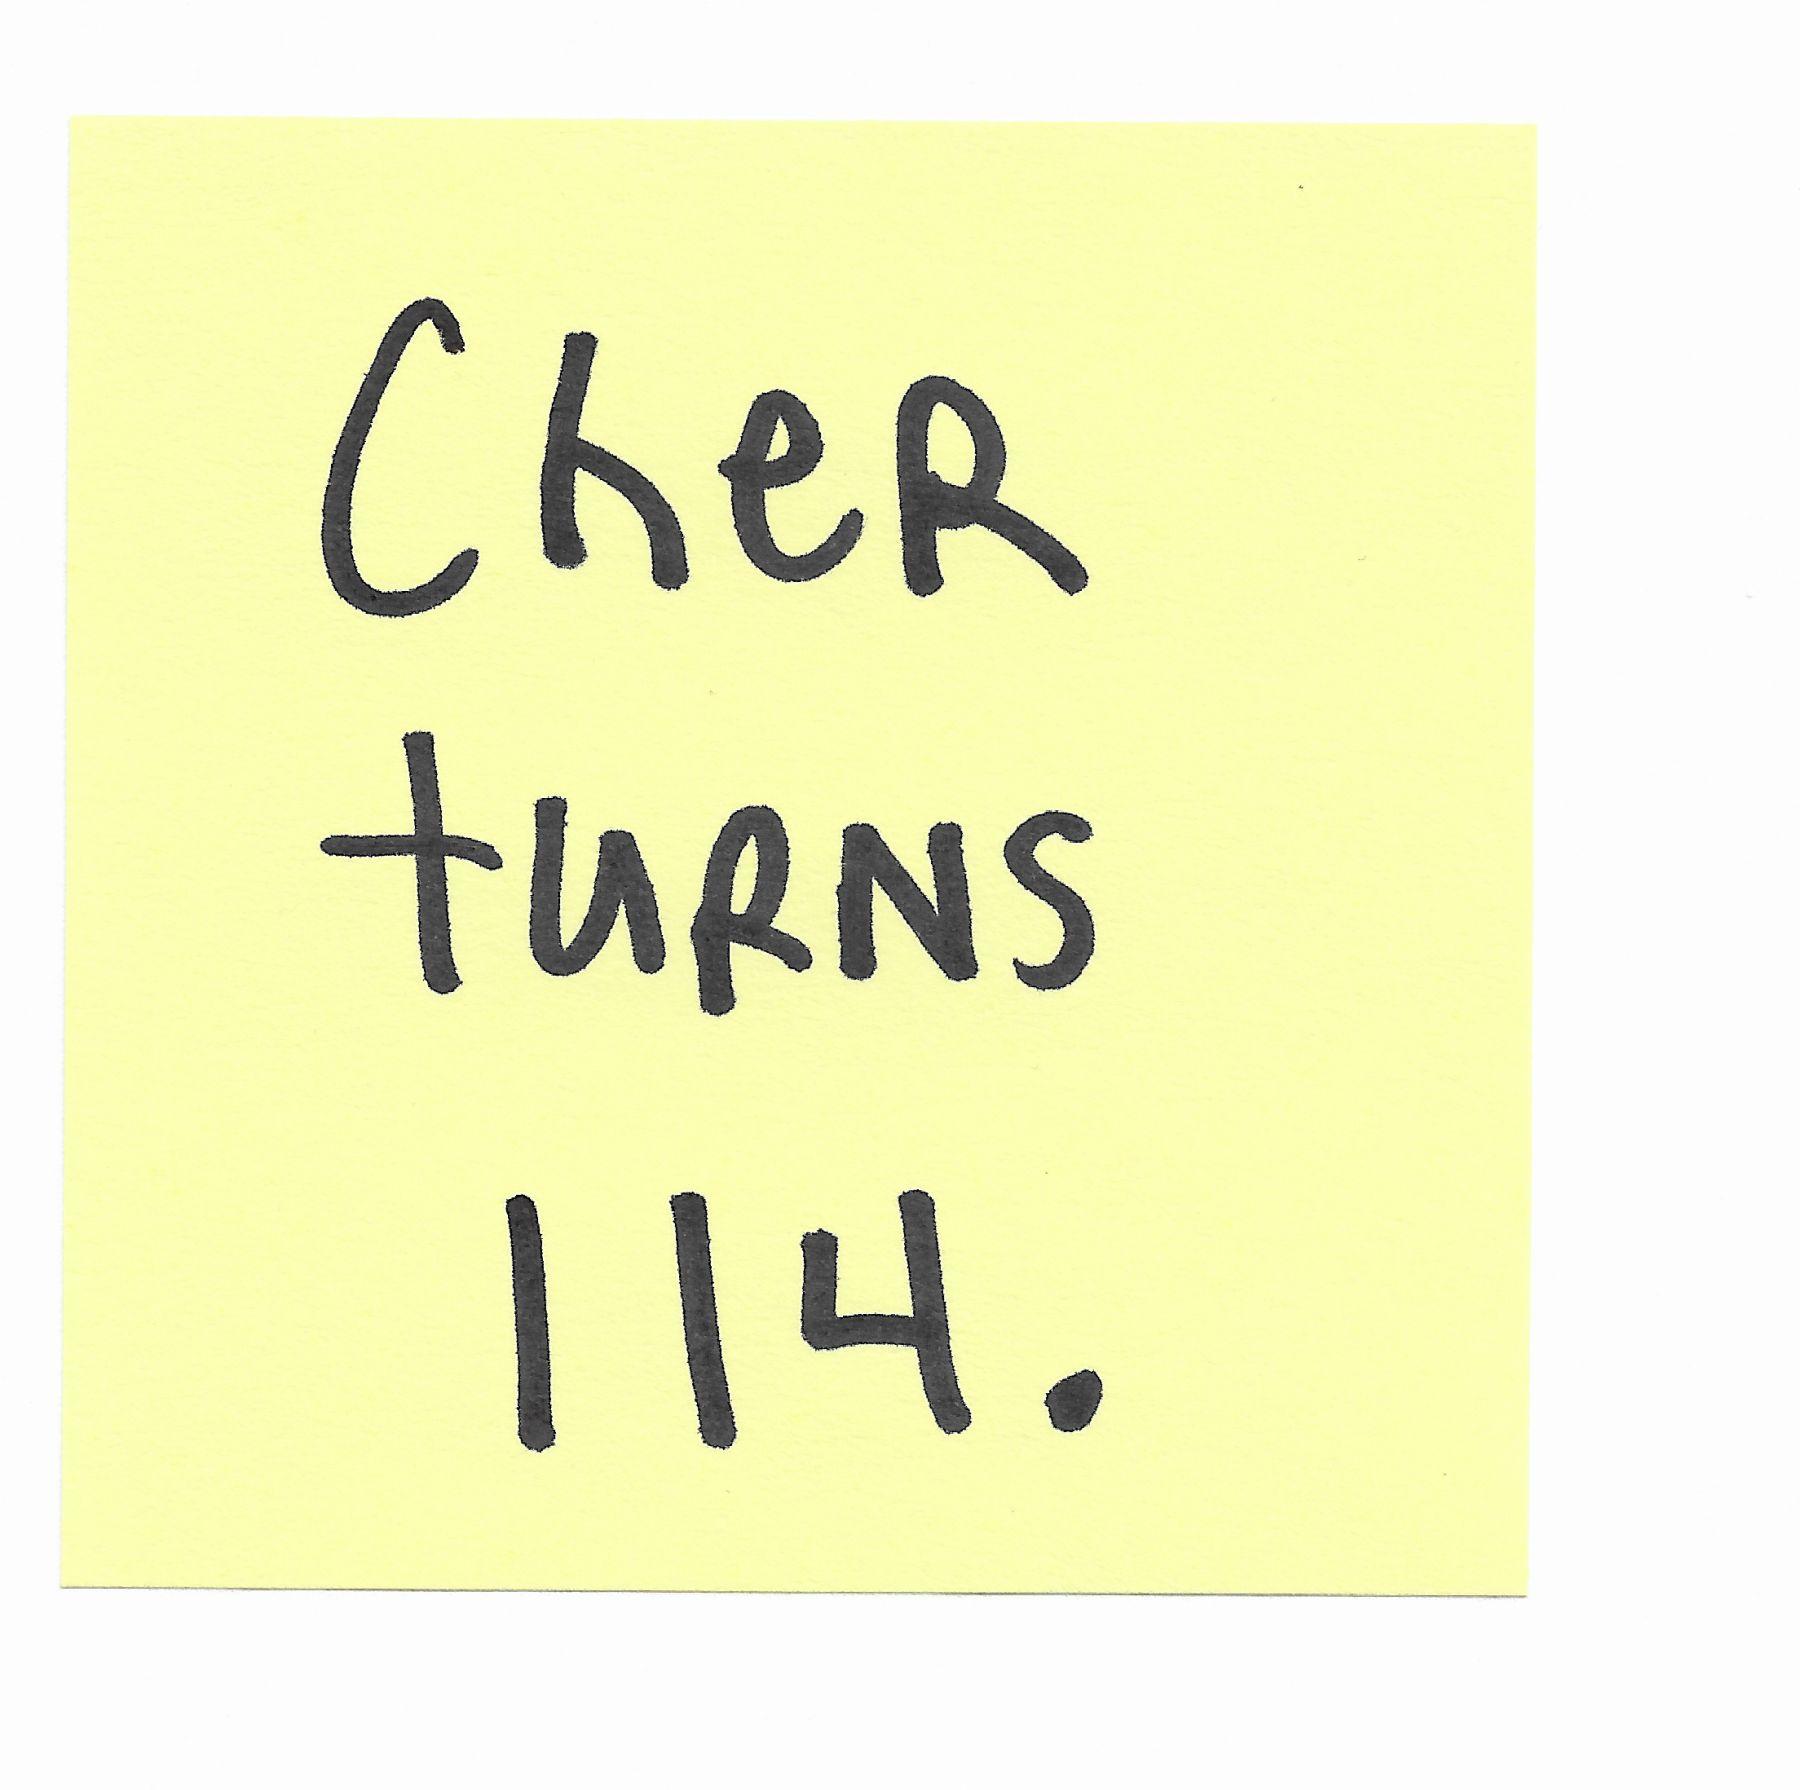 JOE OVELMAN  Post-it Series X (Cher turns 114)